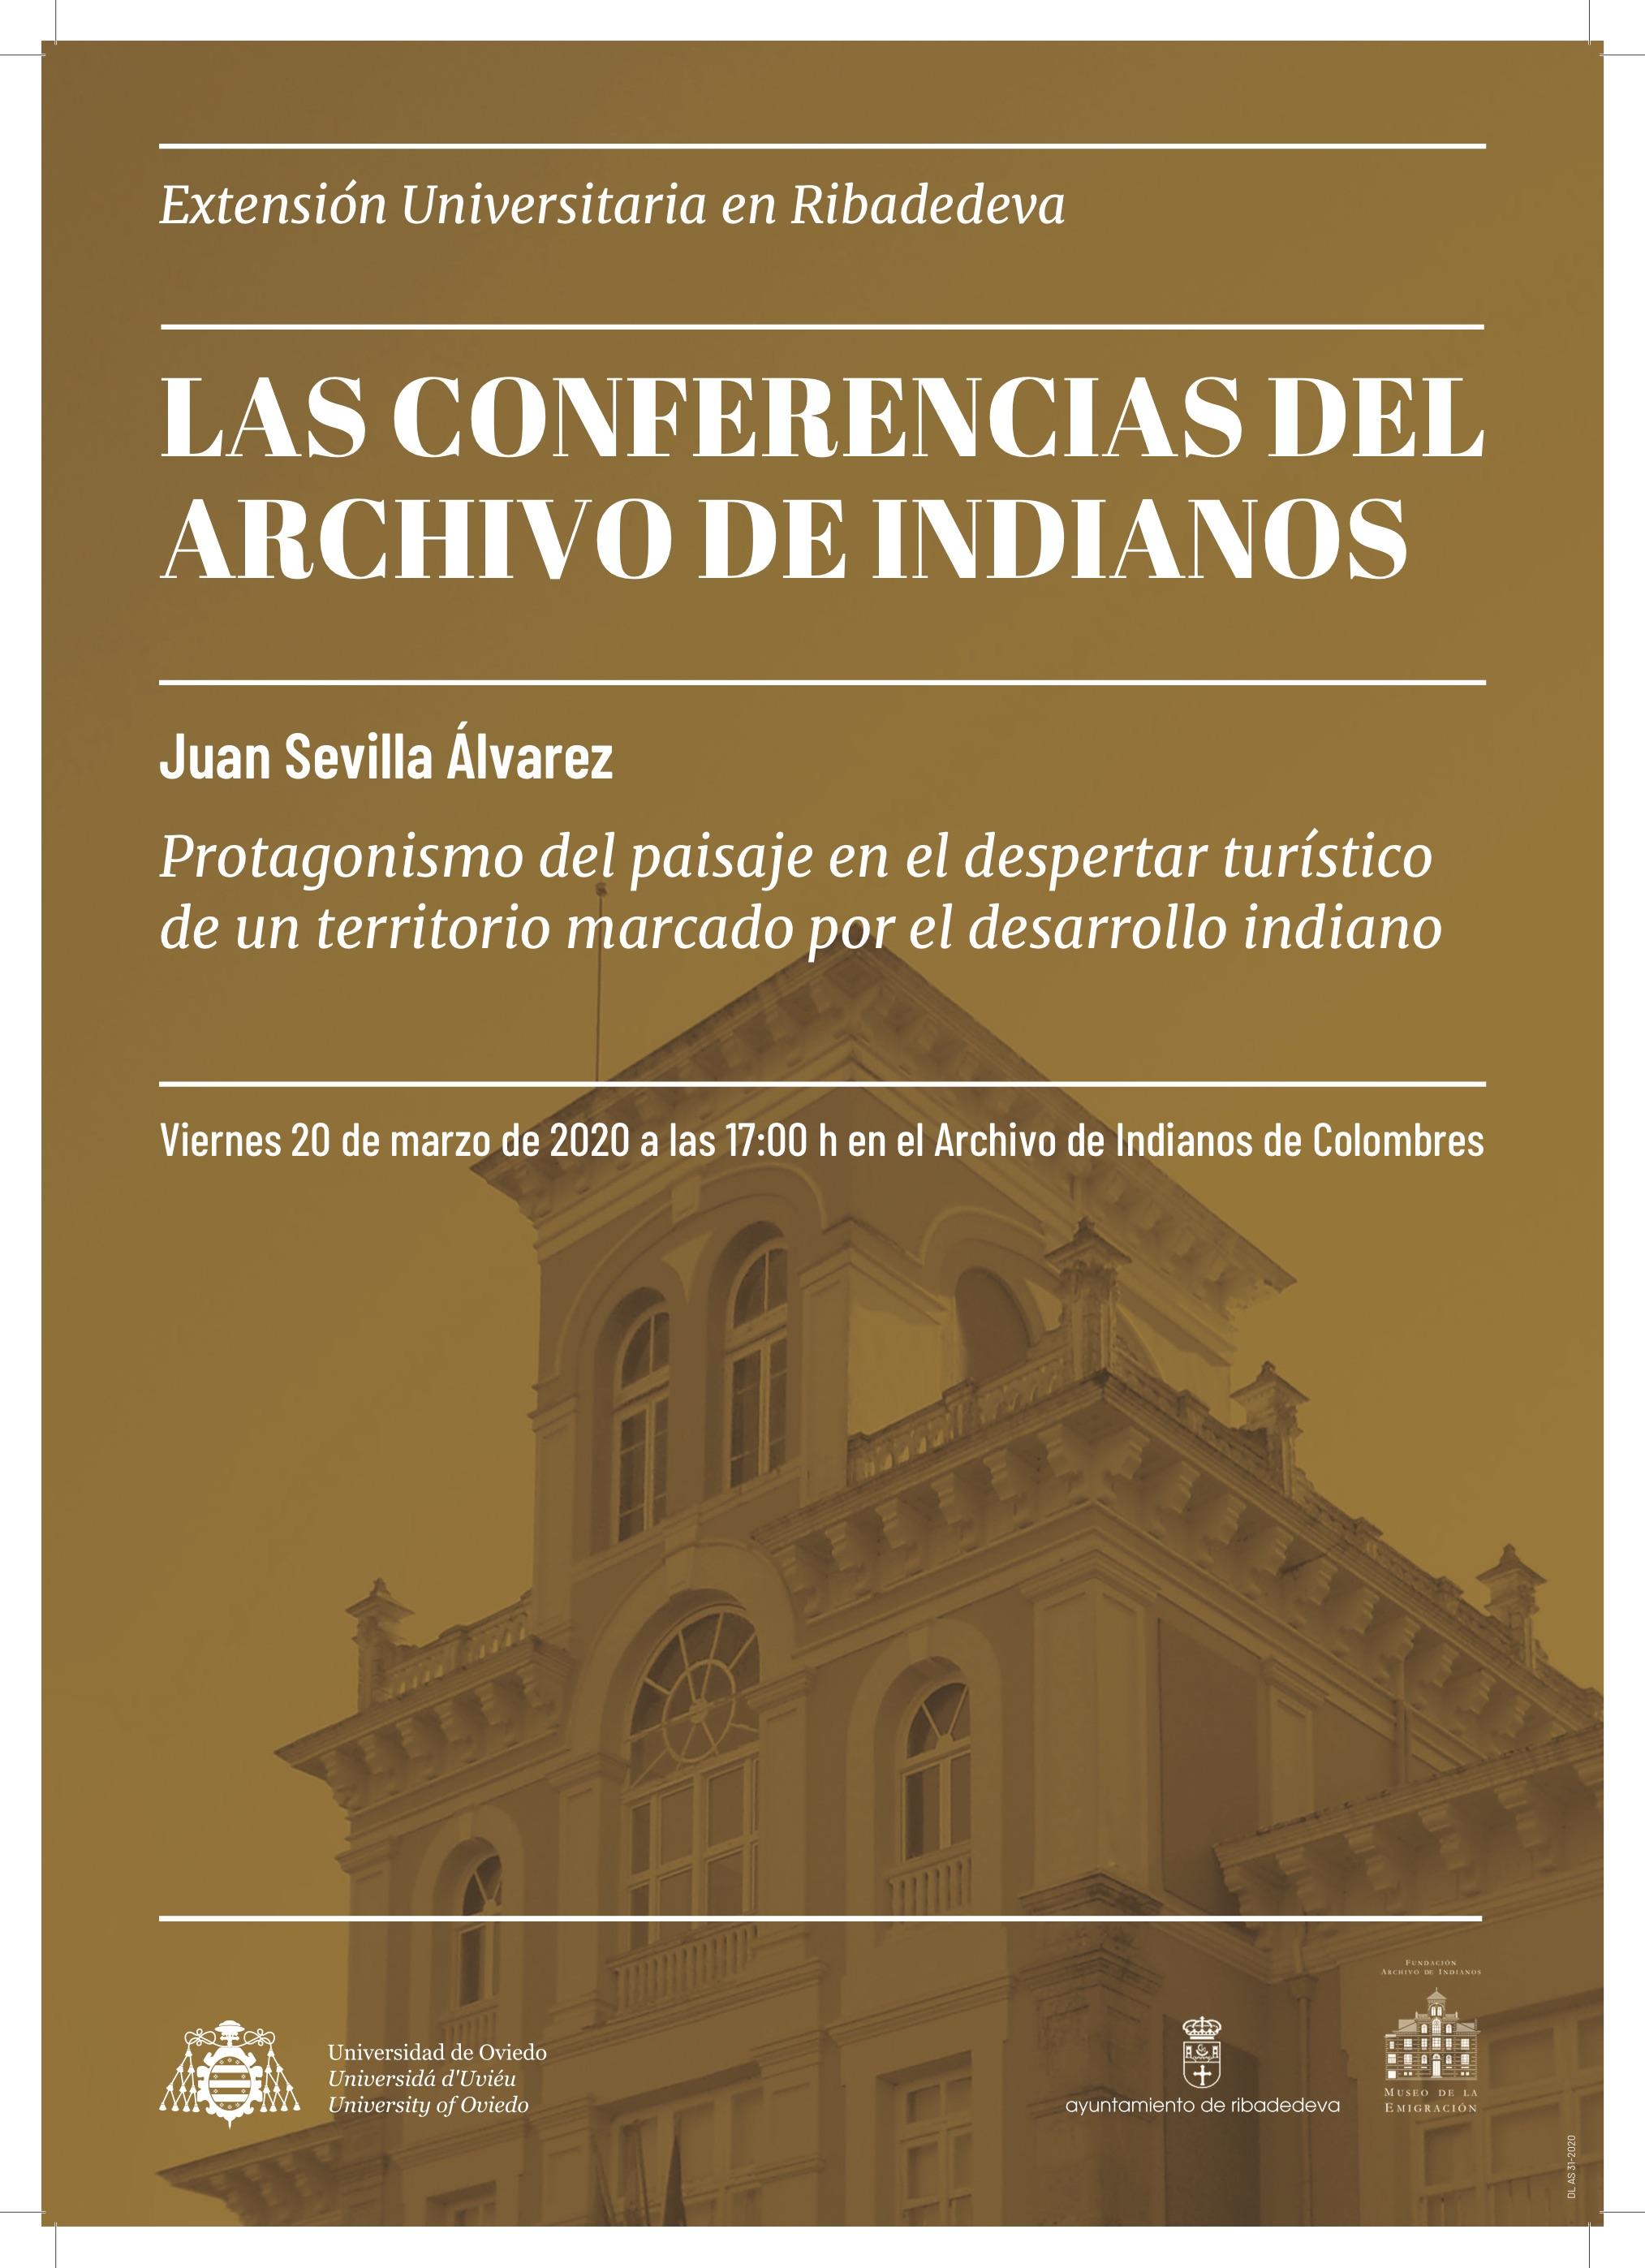 Cartel_Archivo_Indianos_Juan Sevilla